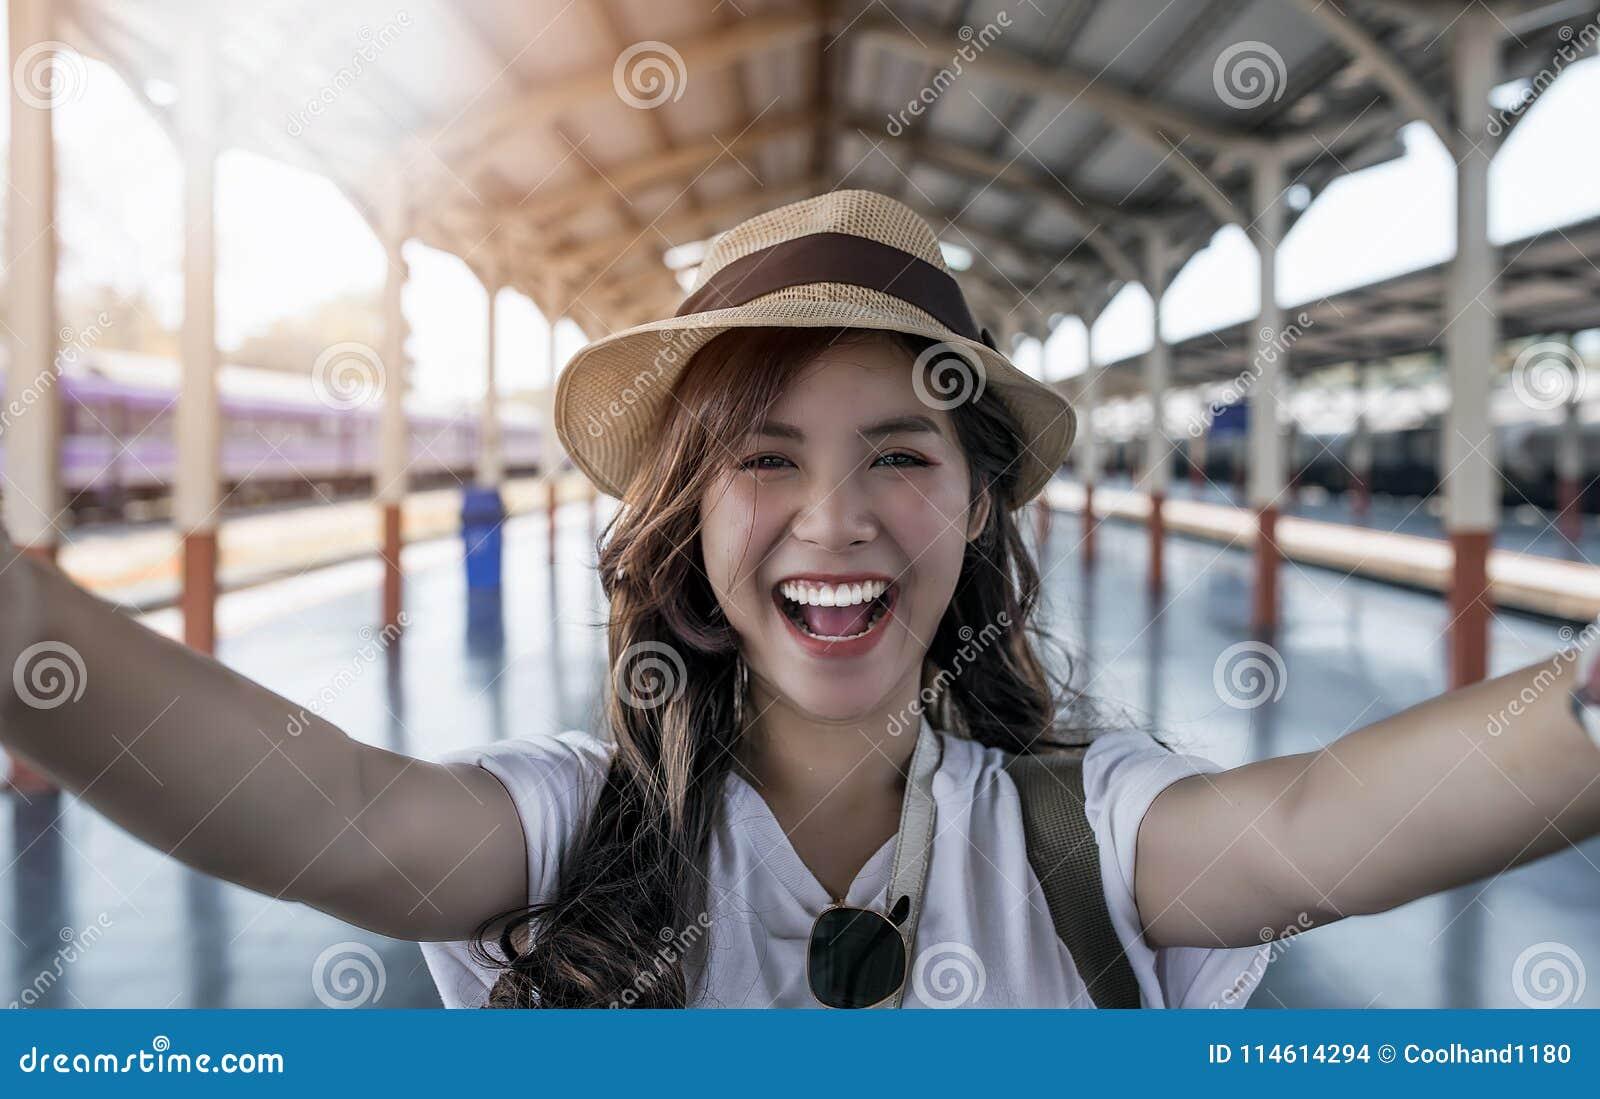 Selfie-портрет конца-вверх привлекательной девушки с длинной стойкой волос